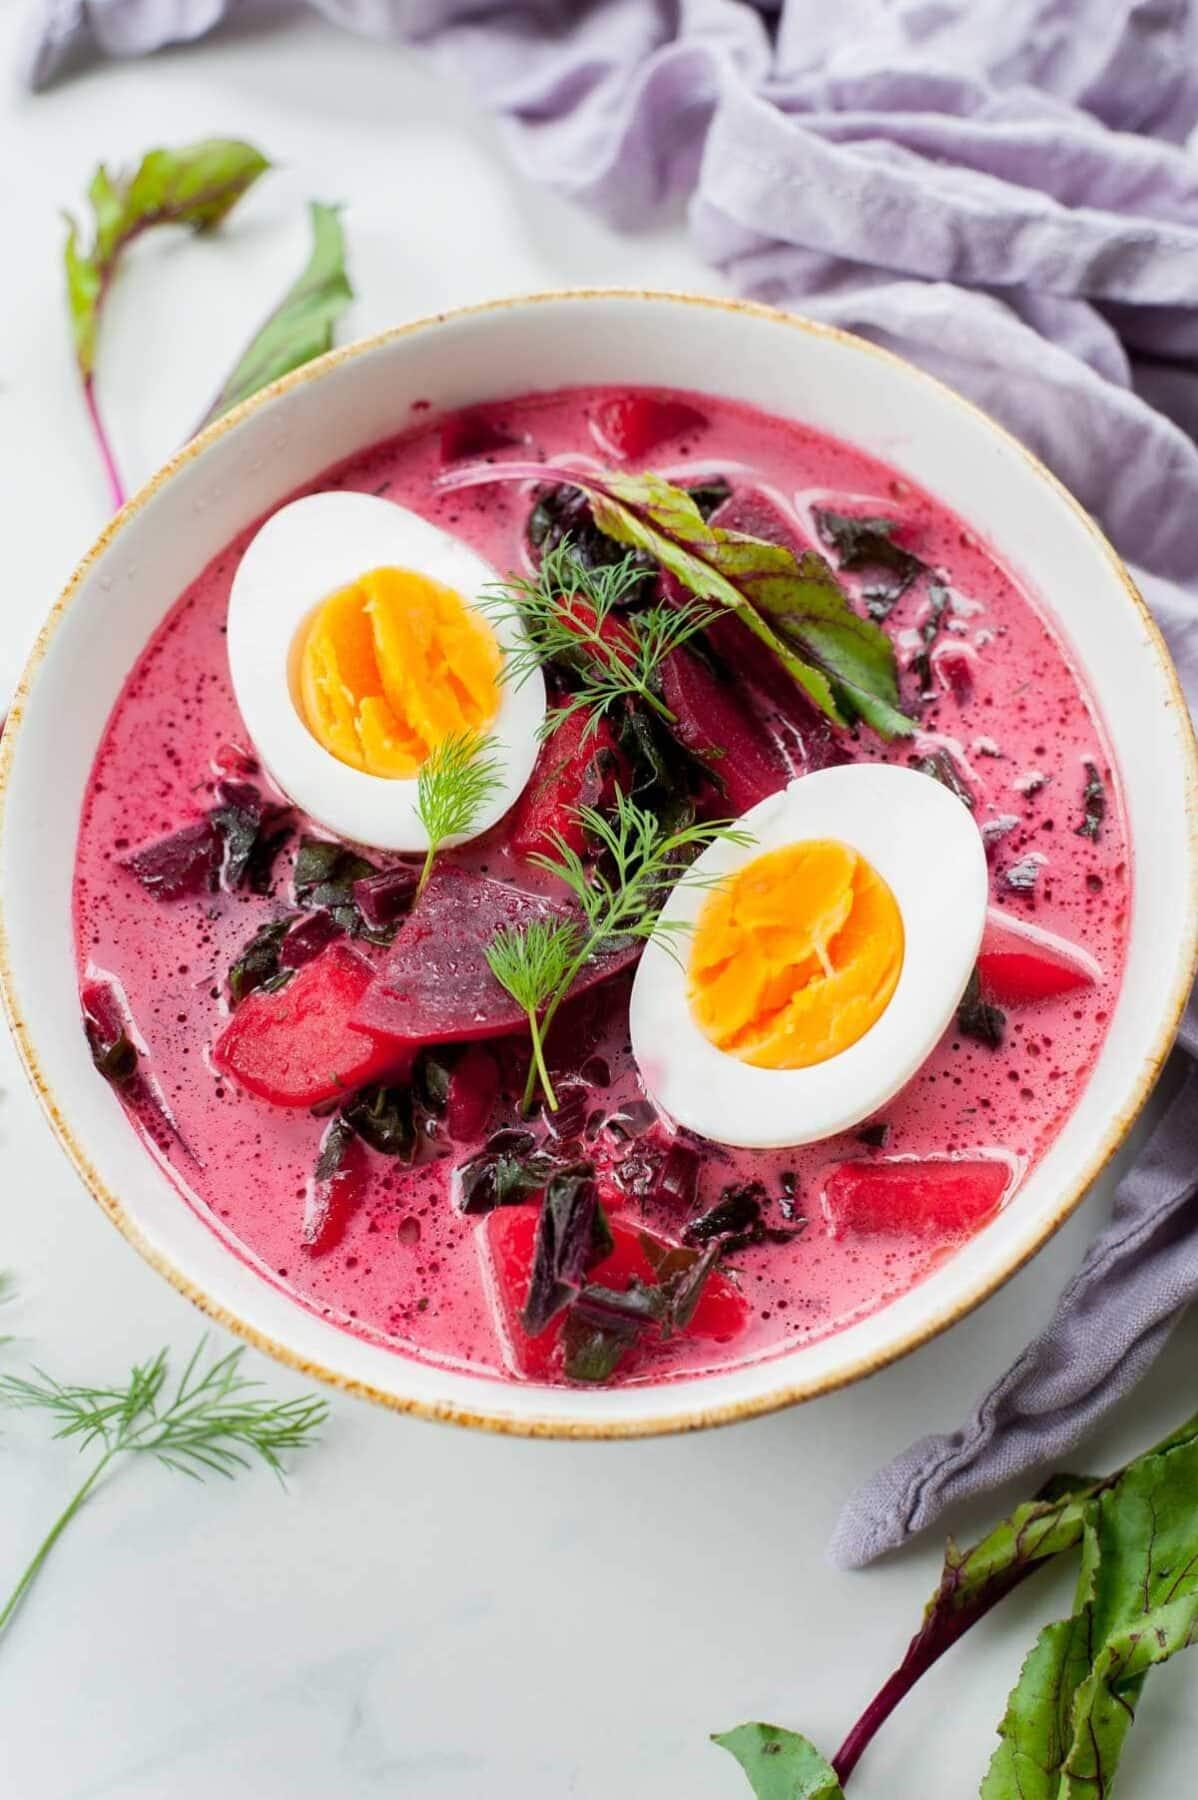 zupa botwinkowa z jajkami w białym talerzu, obok liście botwinki i gałązki koperku